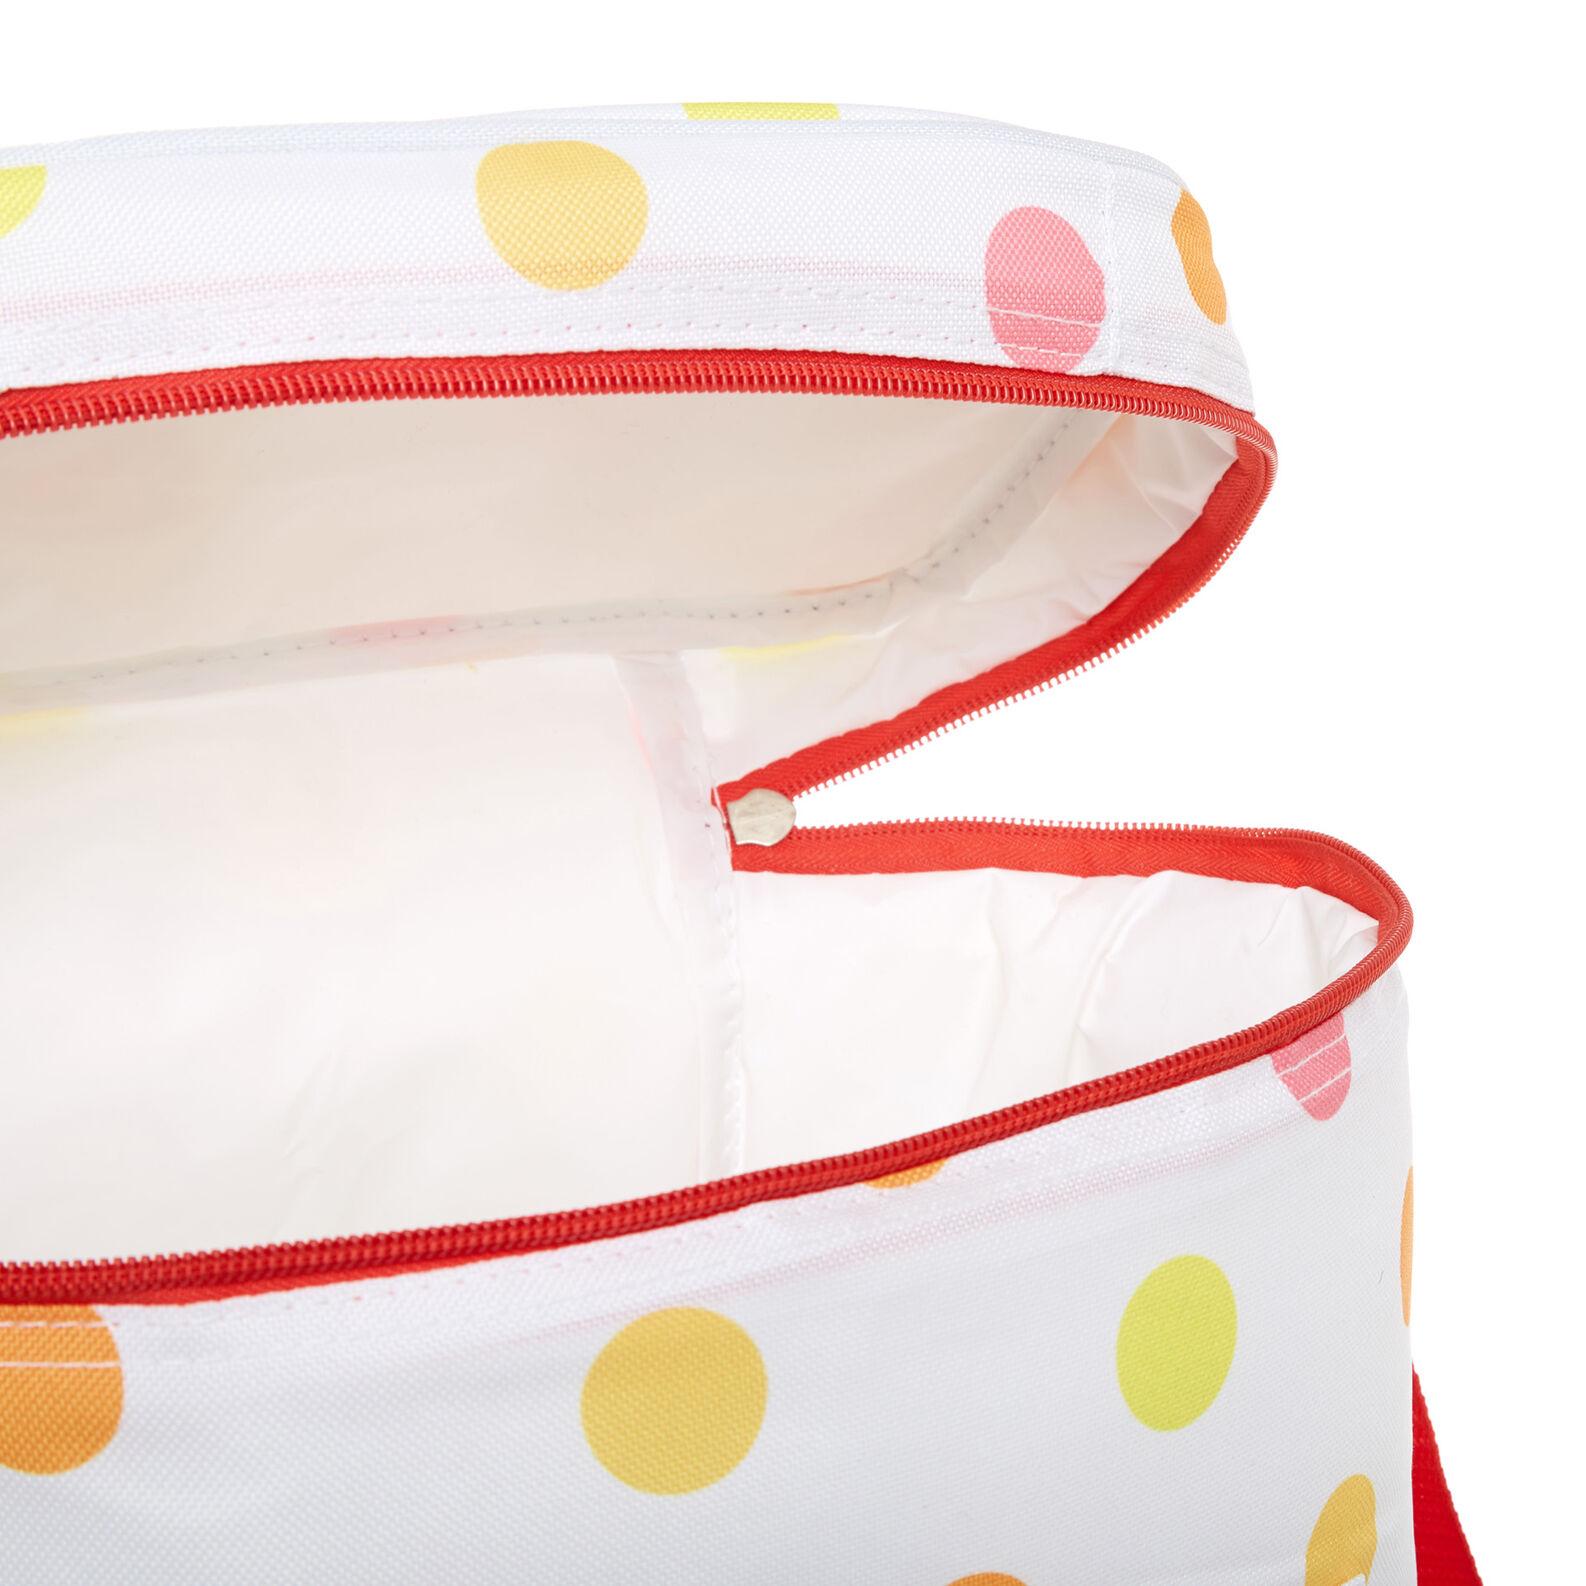 12L polka dot cooler bag